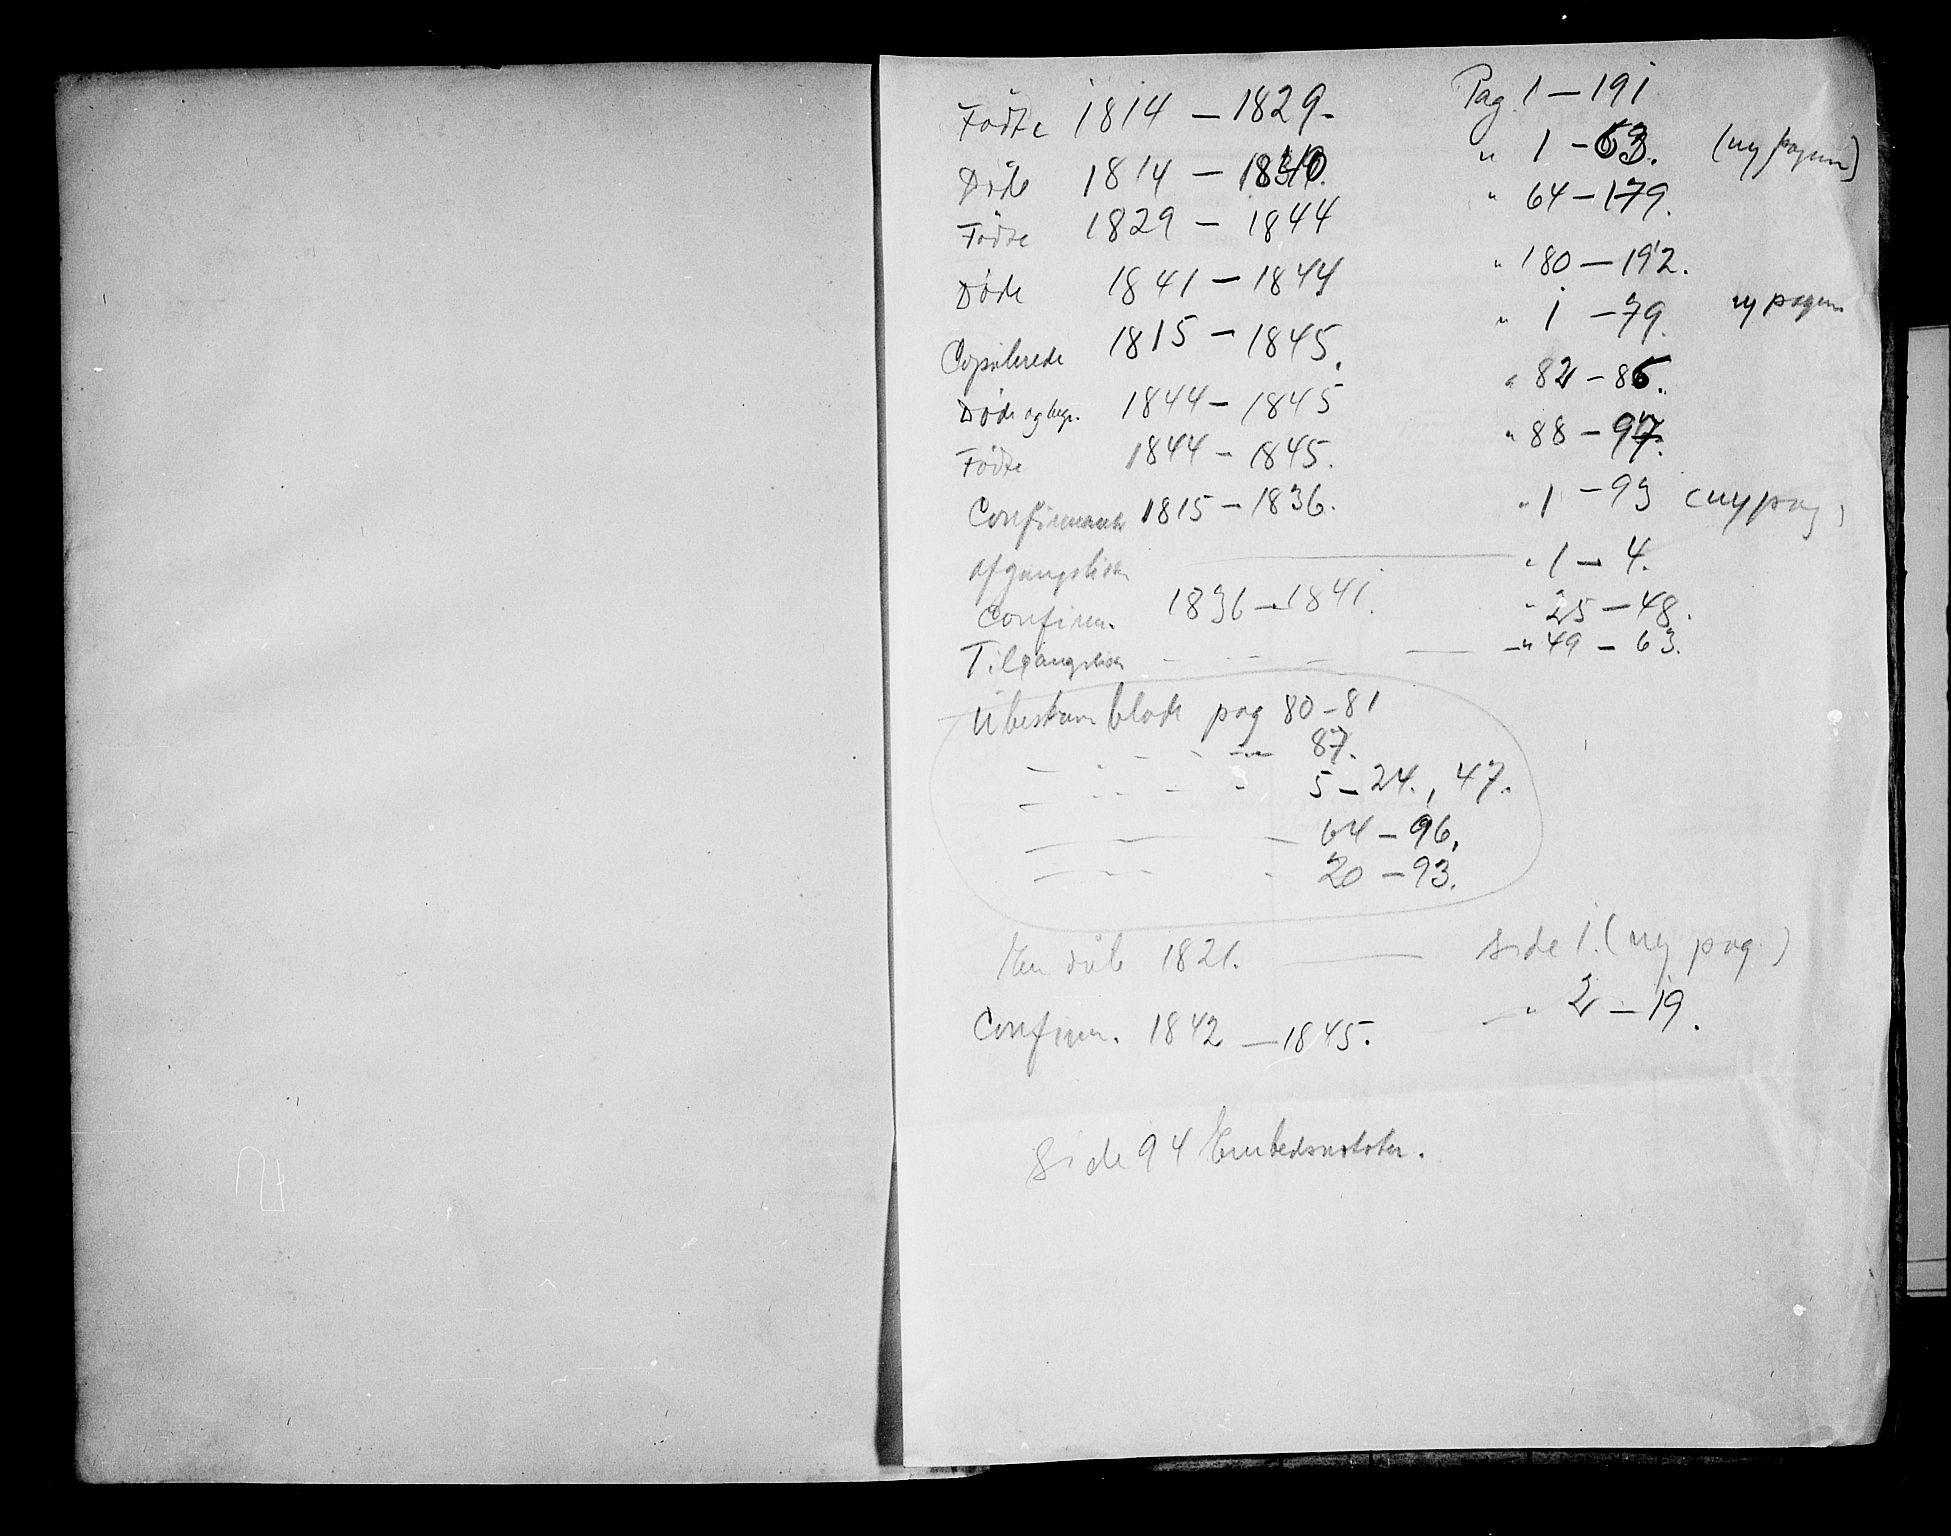 SAKO, Borre kirkebøker, F/Fa/L0004: Ministerialbok nr. I 4, 1815-1845